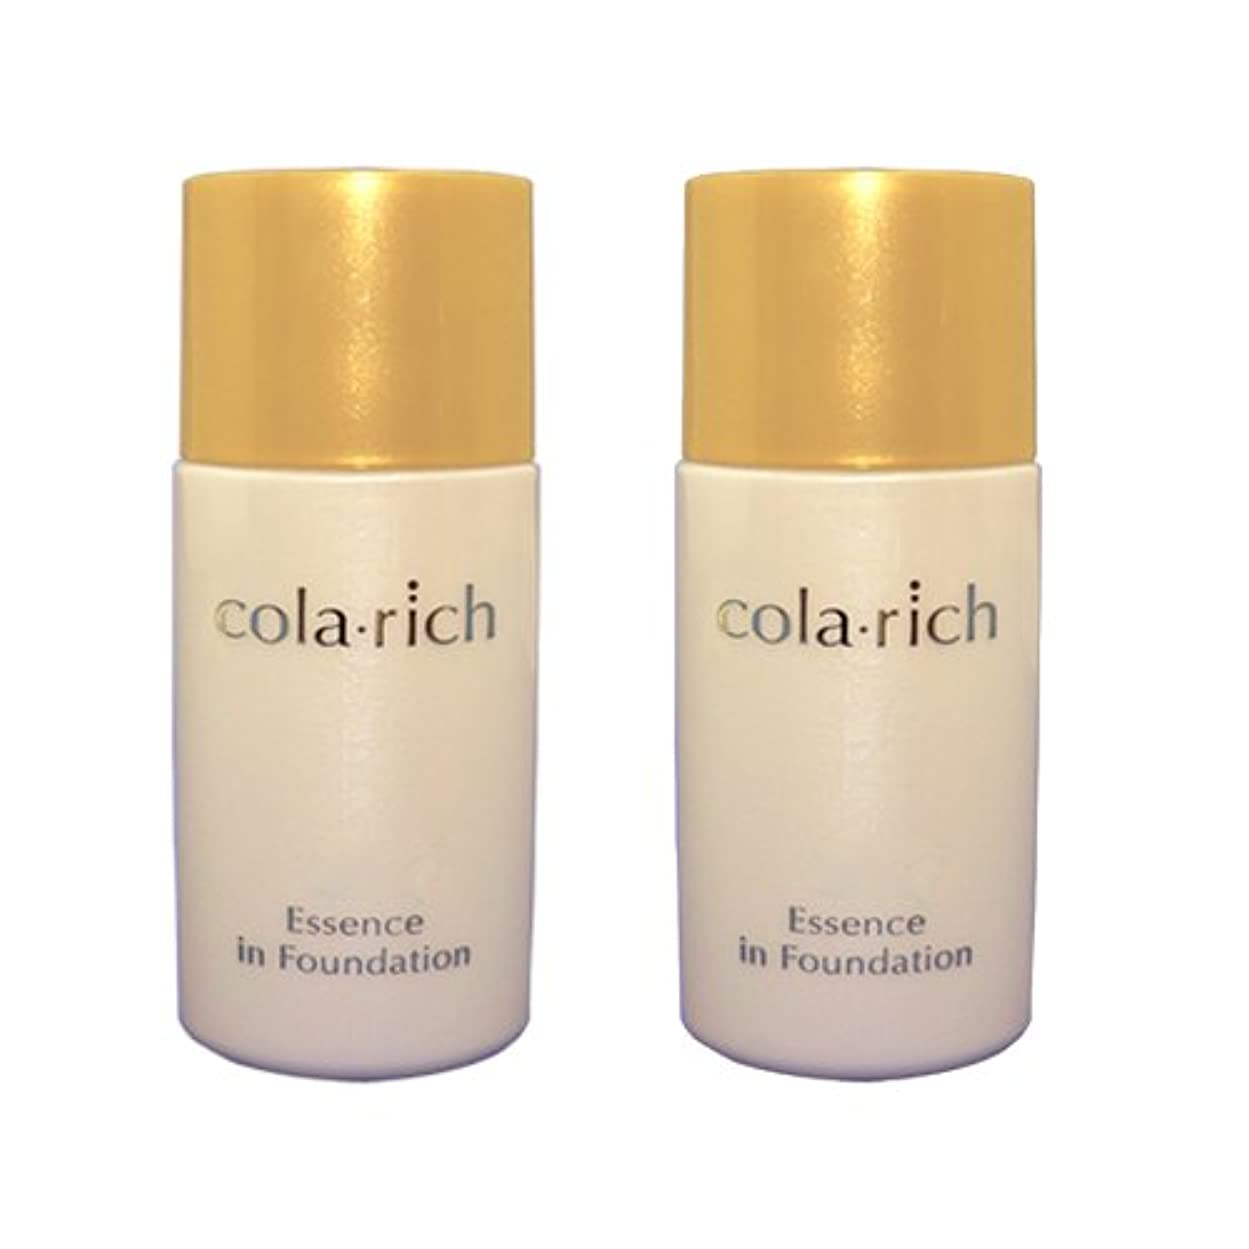 実験的ペースト柔らかさコラリッチ 美容液ファンデーション 2個まとめ買い (色白肌用)/キューサイ美容液ファンデーション